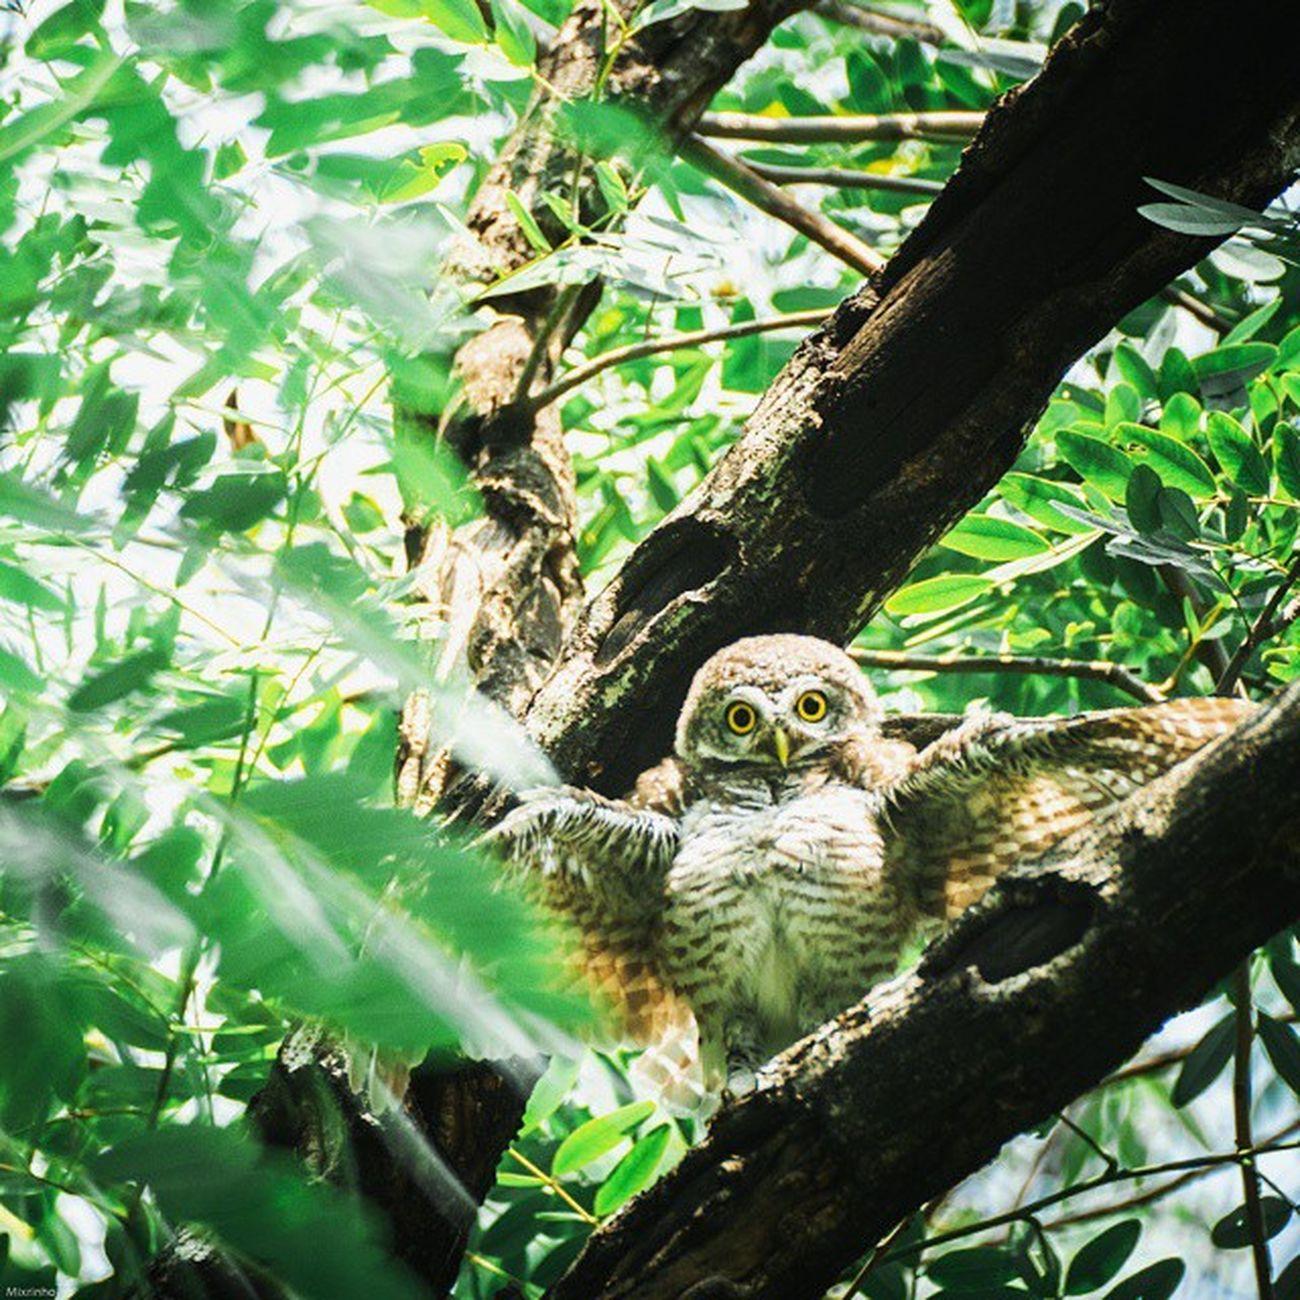 0v0 Vscocam Owl Bird Thailand Rest Amzthld Igersth Wildlifephotography Wild Wildlife Nikonnofilter Nikon 500mm Photooftheday Instagood Cute World_bestshot Wow_animal Wildlifeplate Wildlife_perfection